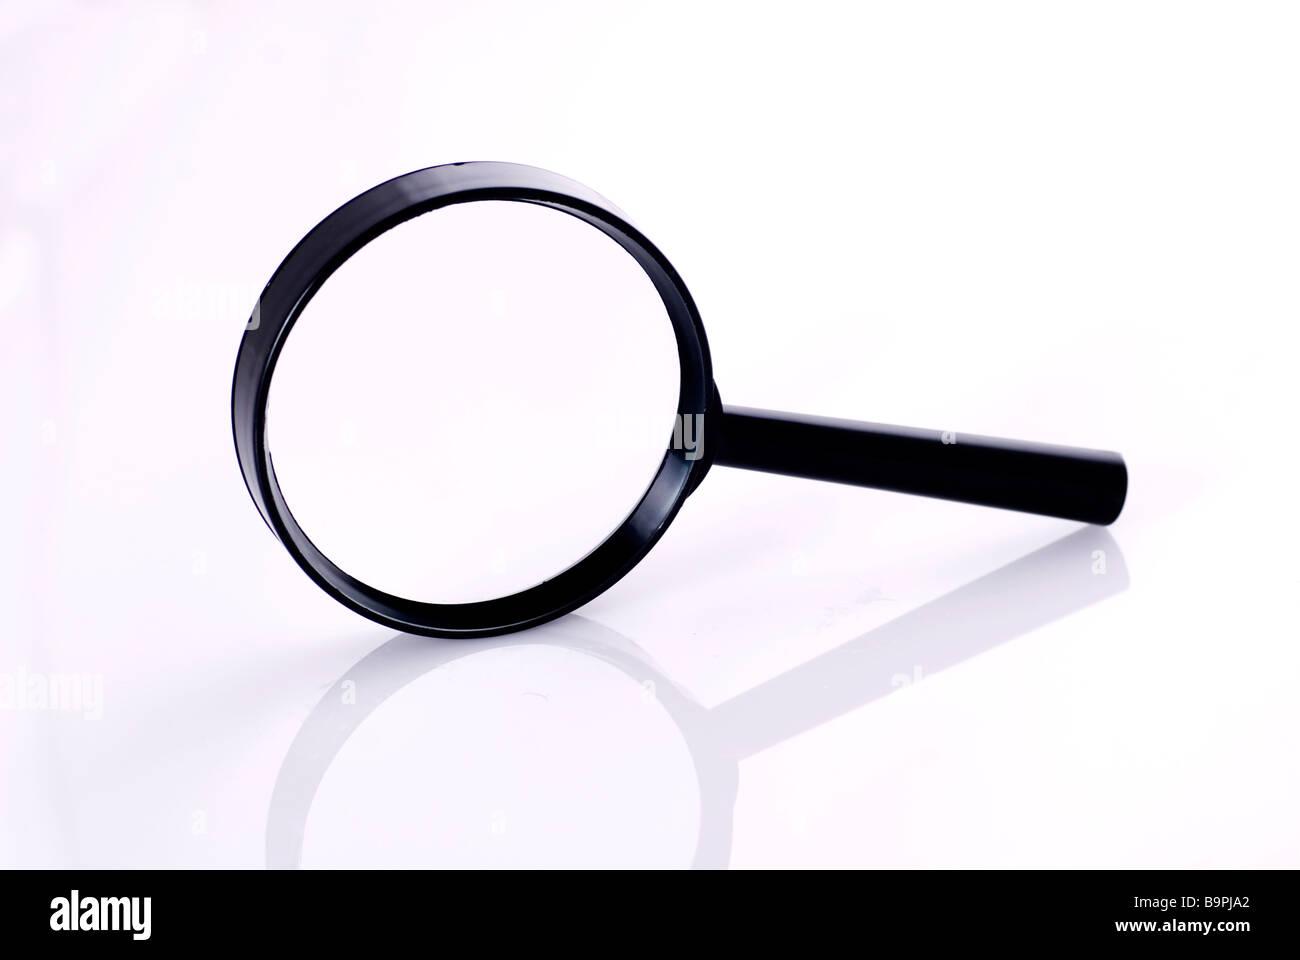 Vista lateral de una lupa sobre un fondo blanco. Imagen De Stock